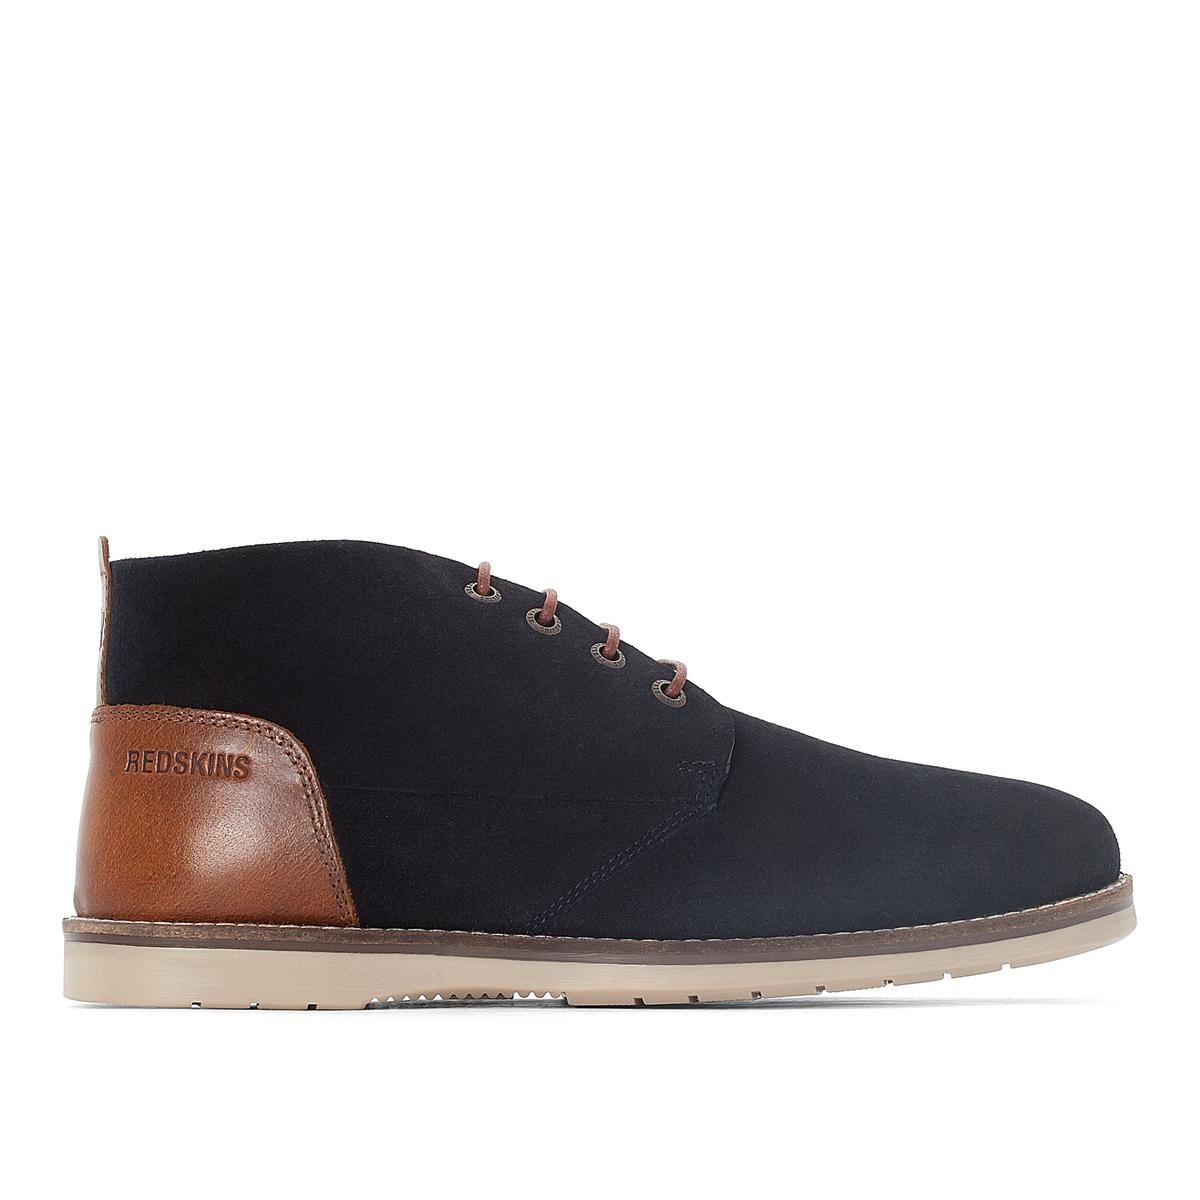 Ботинки-дезерты кожаные BALMONДетали  •  Высота каблука : 0 см •  Застежка : шнуровка •  Круглый мысок •  Велюровая отделка, нубукСостав и уход  •  Верх 100% спилок •  Подкладка 100% текстиль •  Стелька 50% кожи, 50% ткани<br><br>Цвет: темно-синий<br>Размер: 45